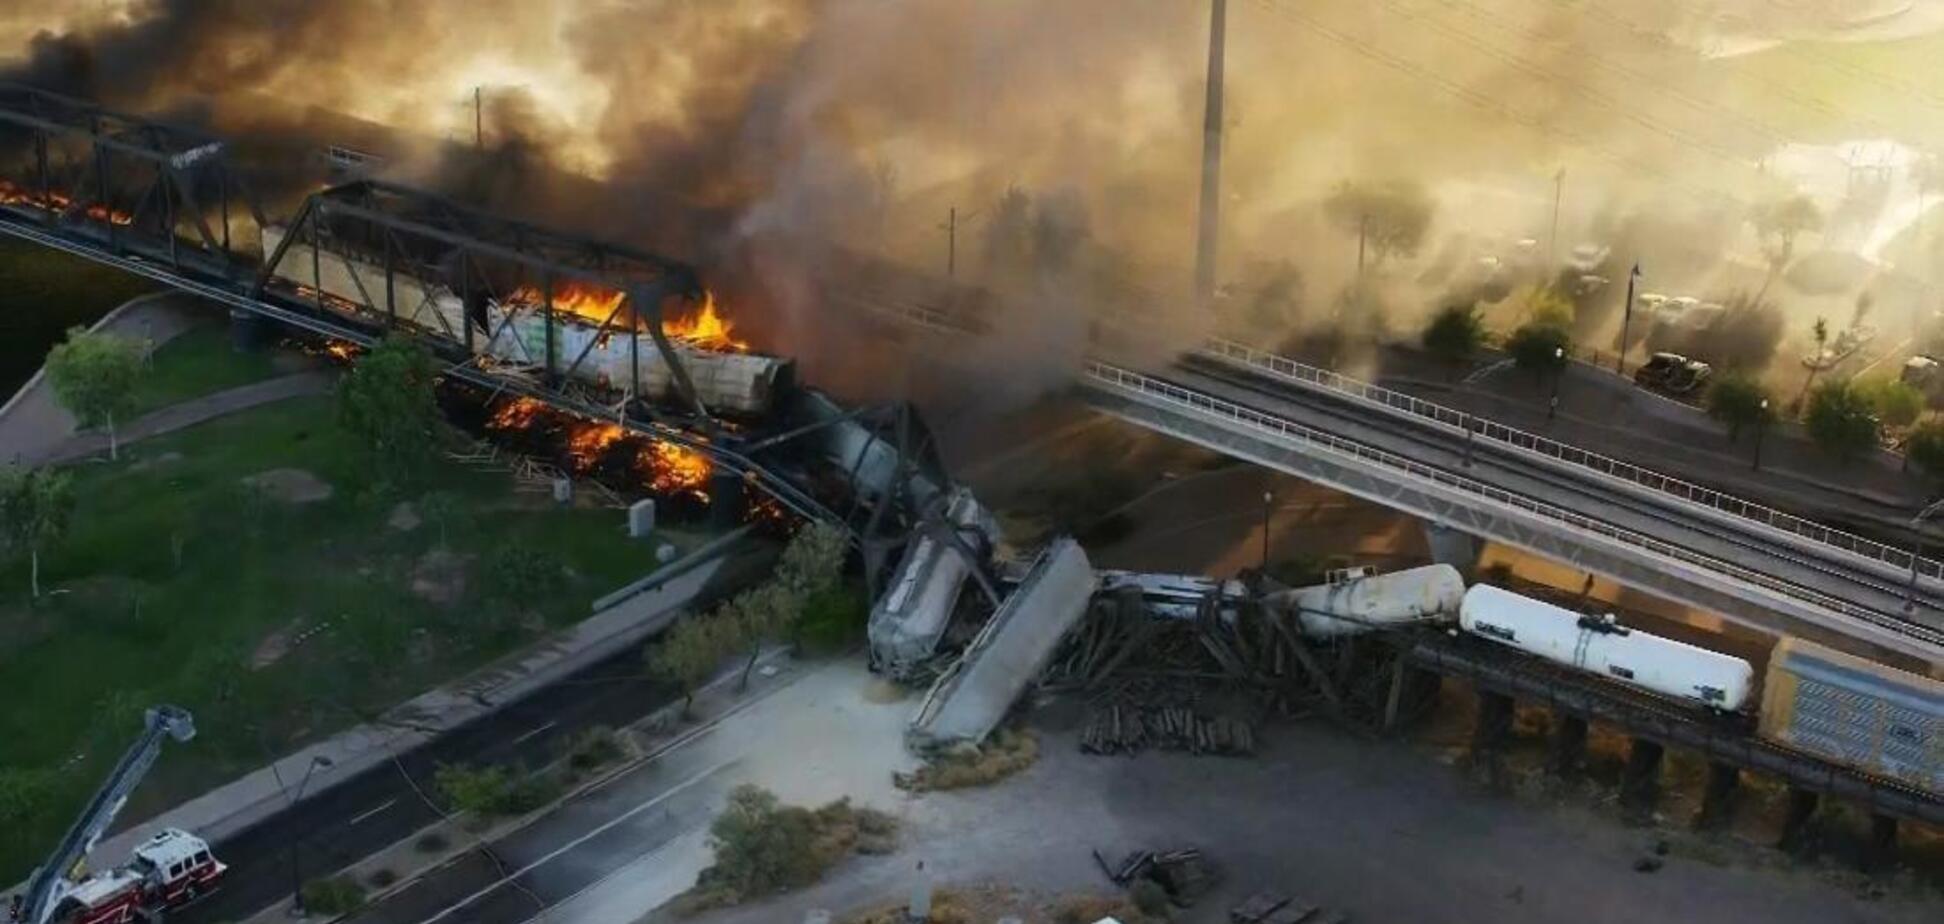 Потяг зійшов з рейок у місті Темпе